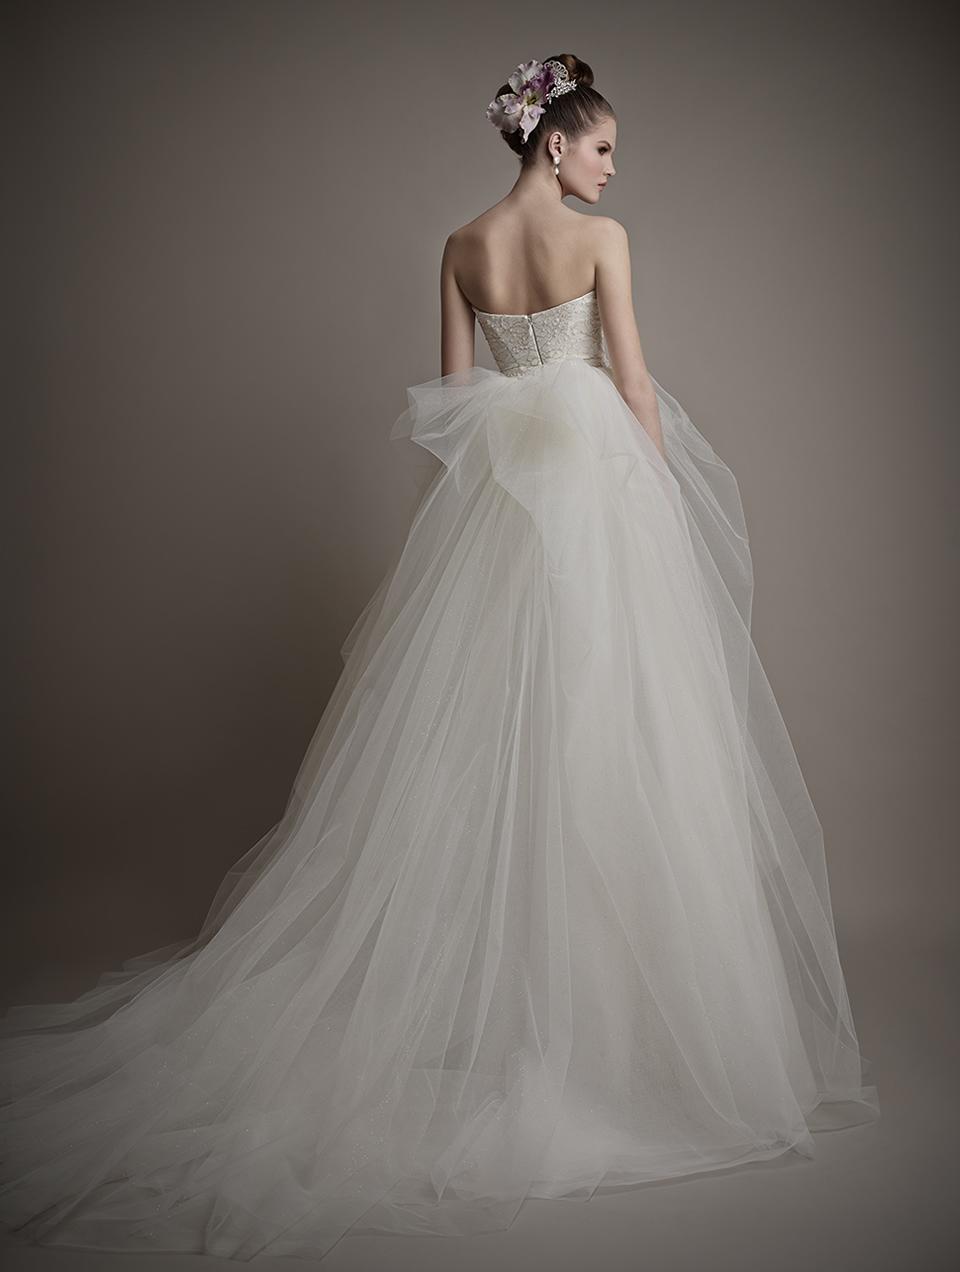 Коллекция свадебных платьев 2015 года от Ersa Atelier5-1